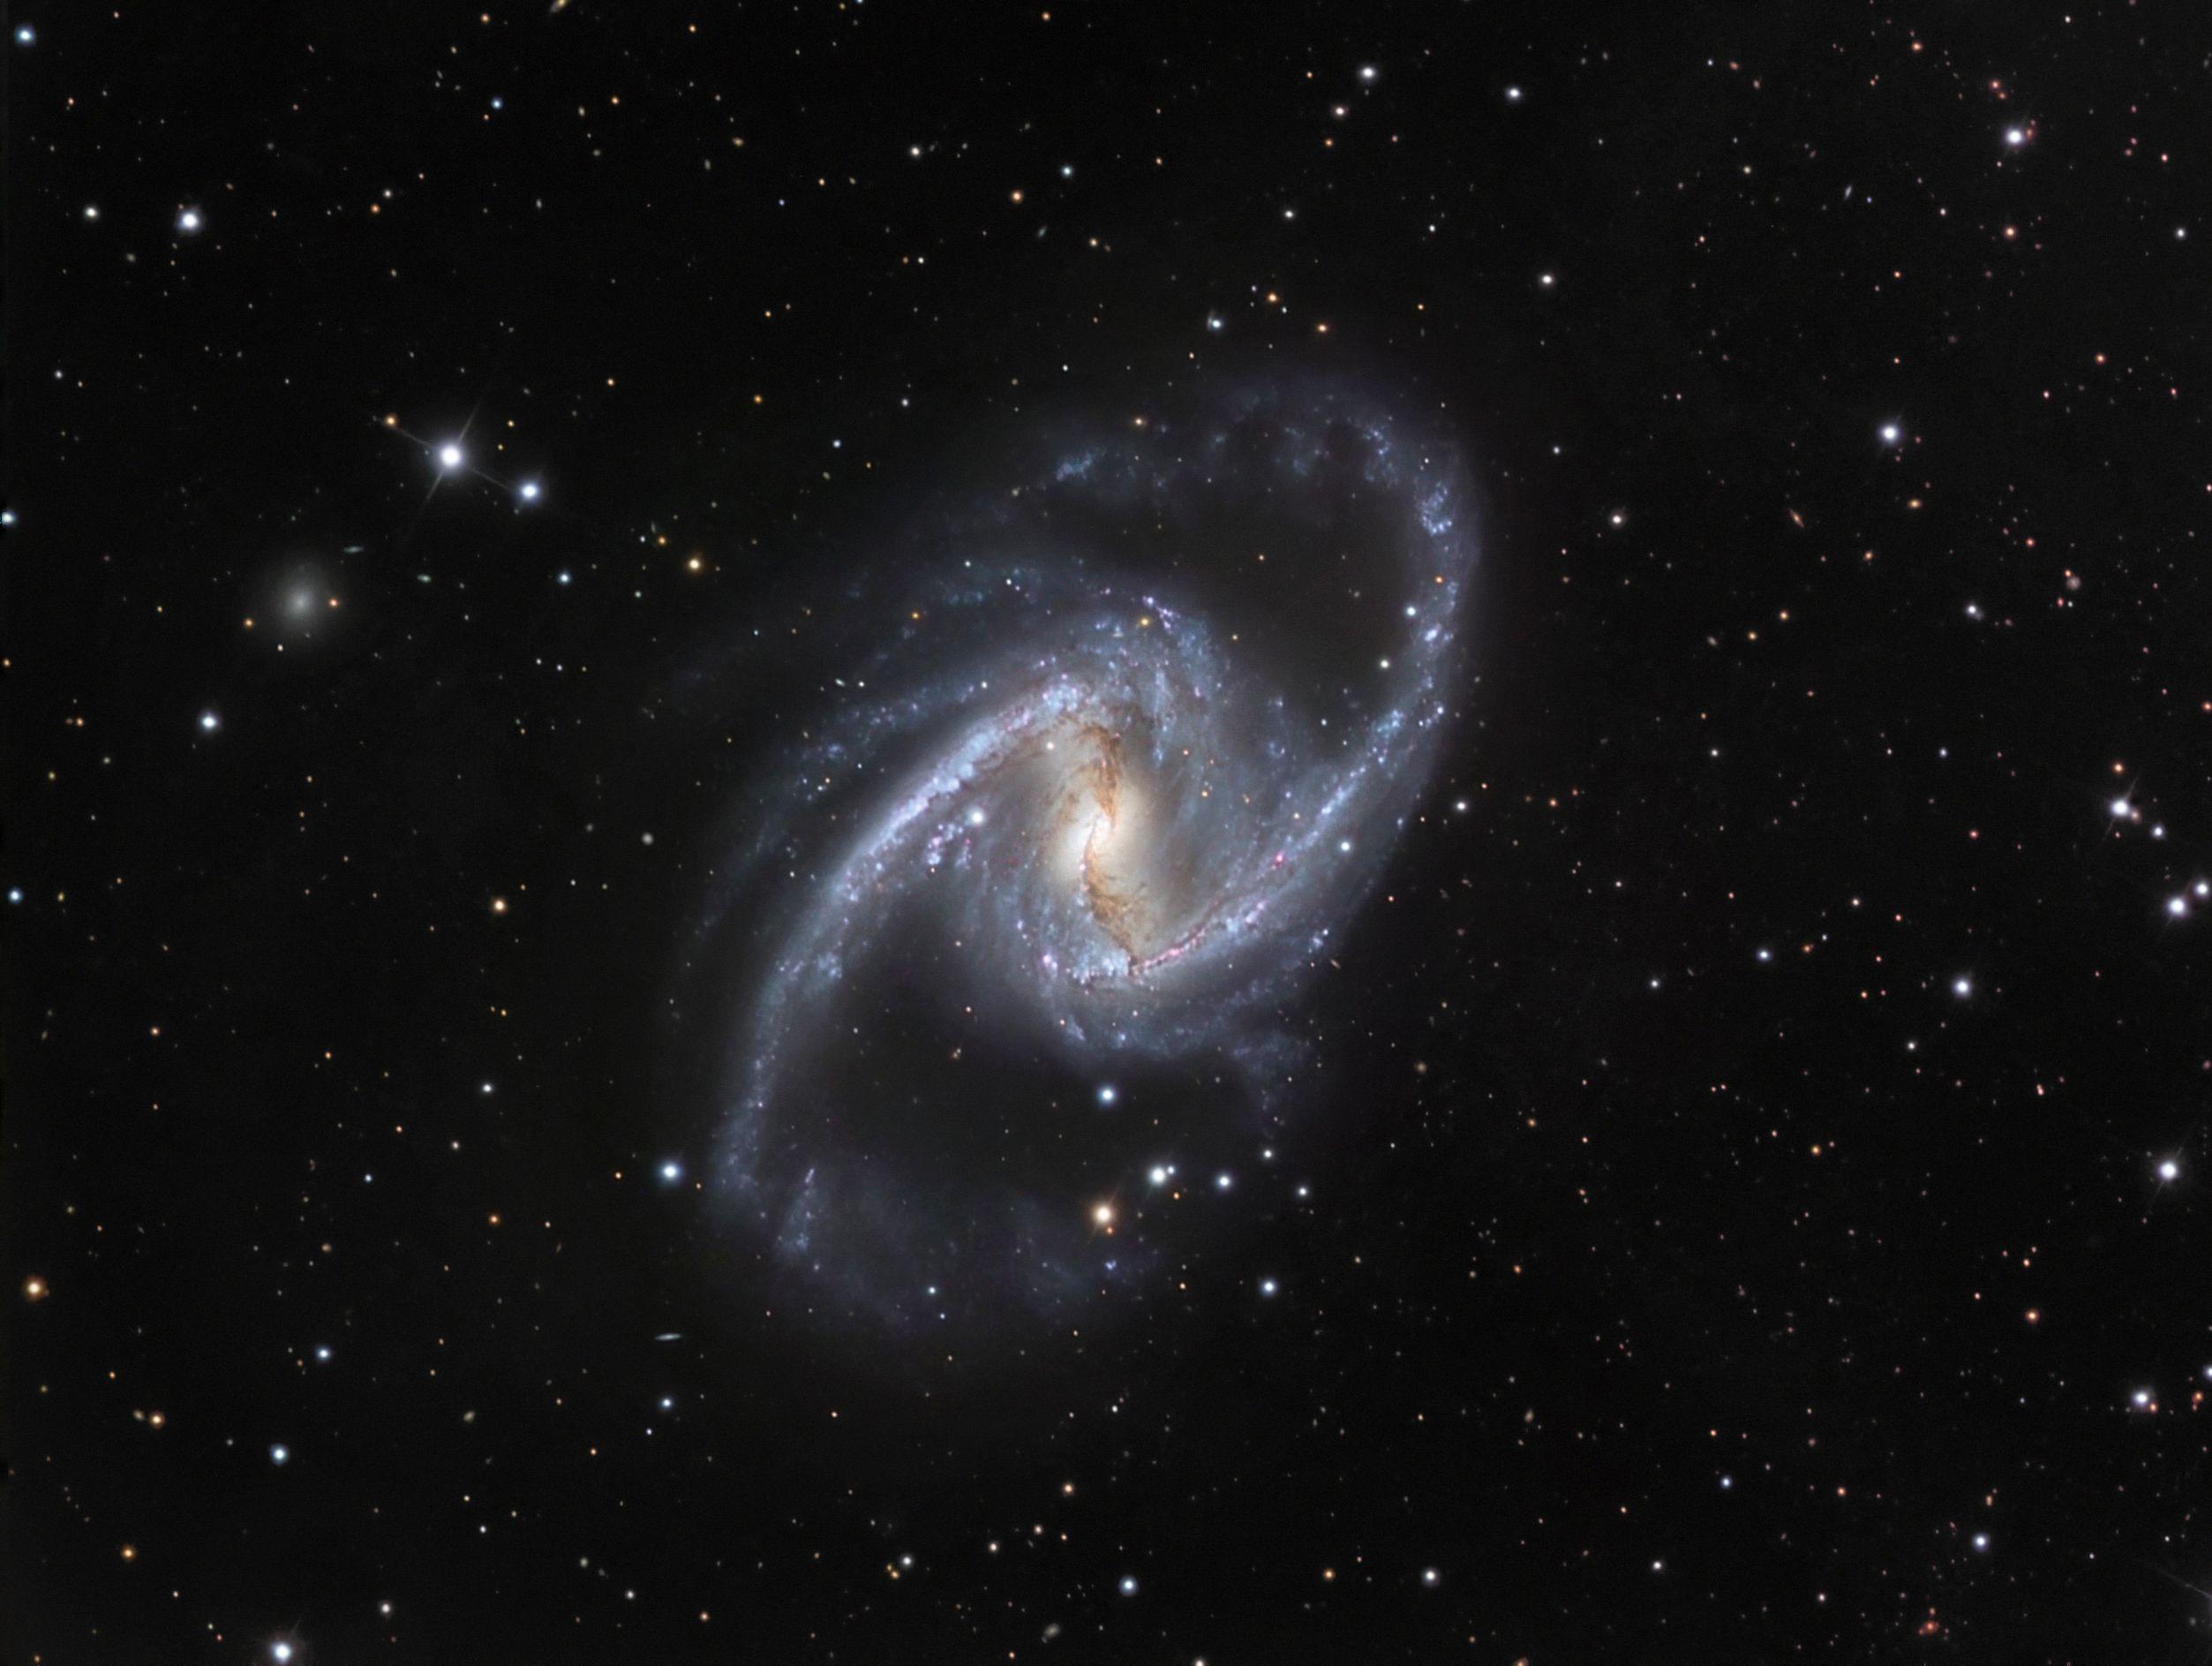 Et si l'univers était une sphère fermée ? C'est ce que pourraient suggérer des observations de l'Agence spatiale européenne